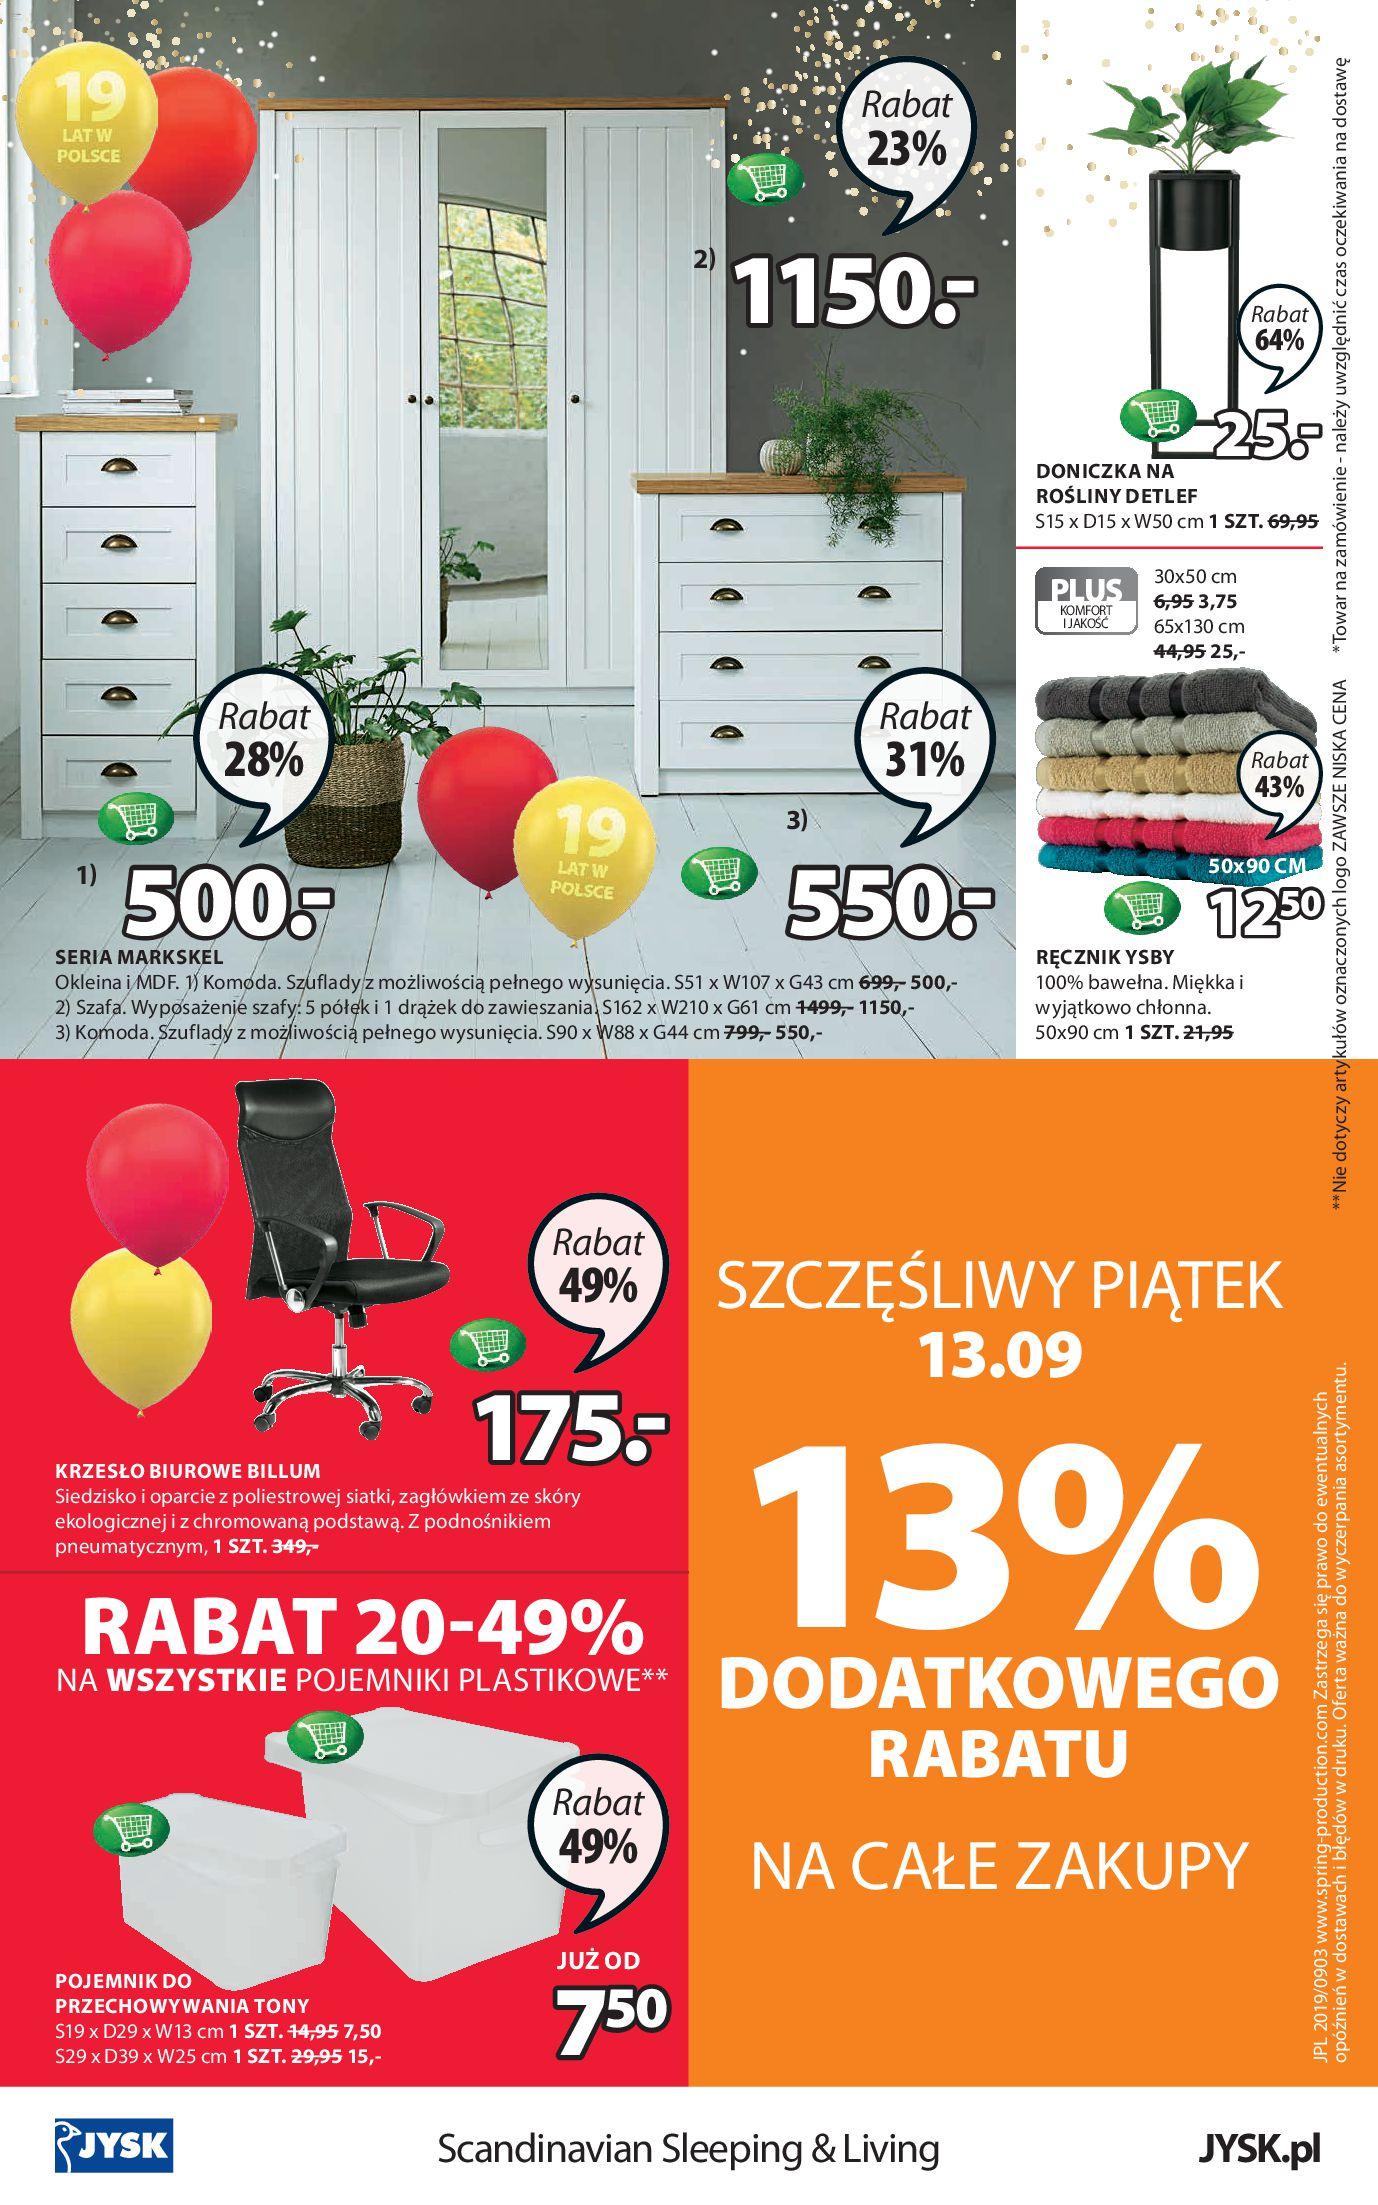 Gazetka Jysk - Oferta tygodnia-11.09.2019-25.09.2019-page-24